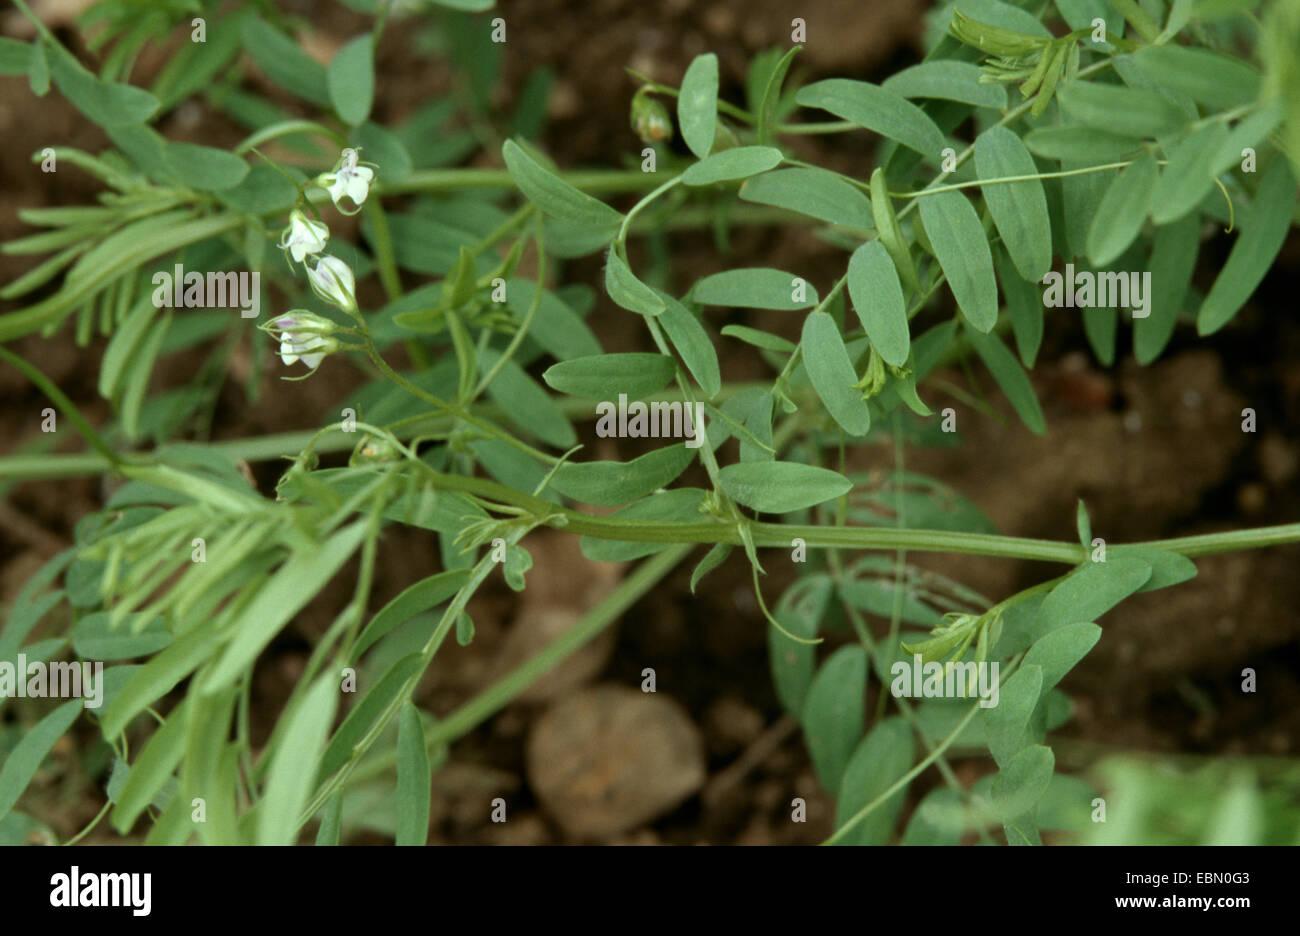 lentils (Lens culinaris), blooming - Stock Image